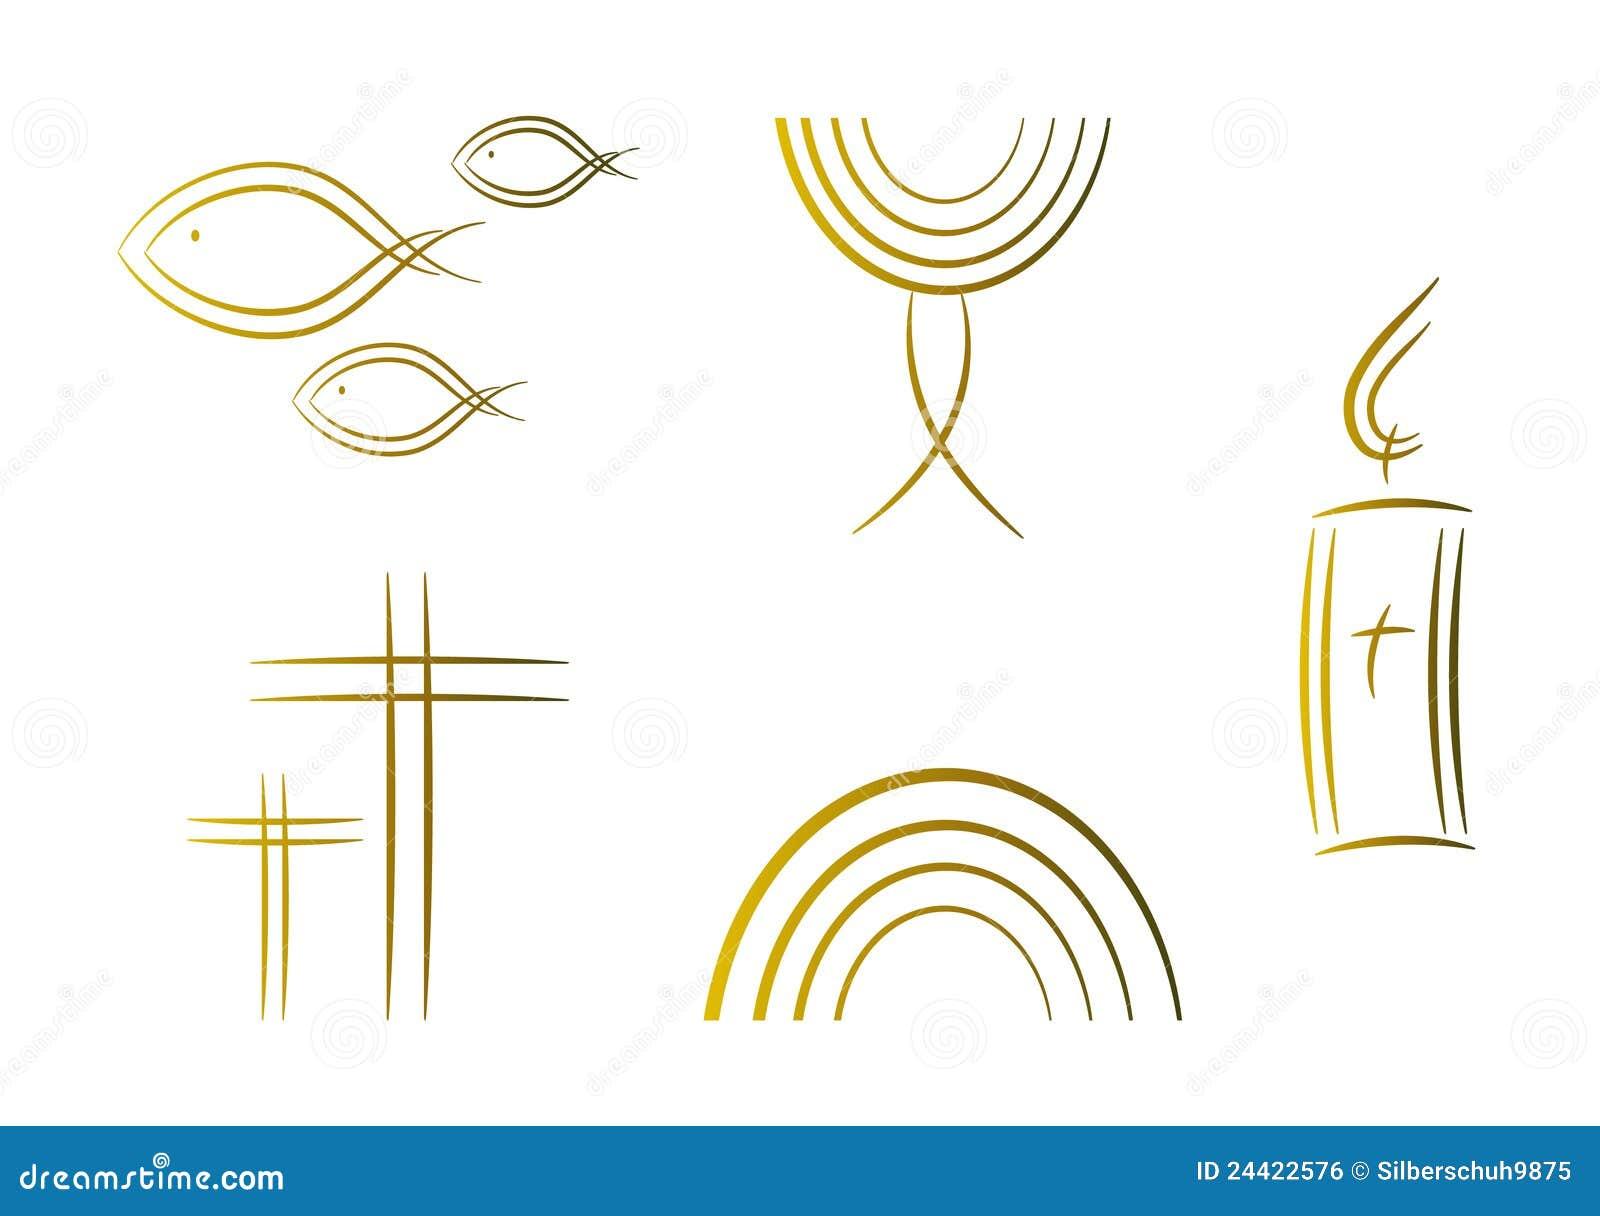 символы абстрактного золота вероисповедные установленные